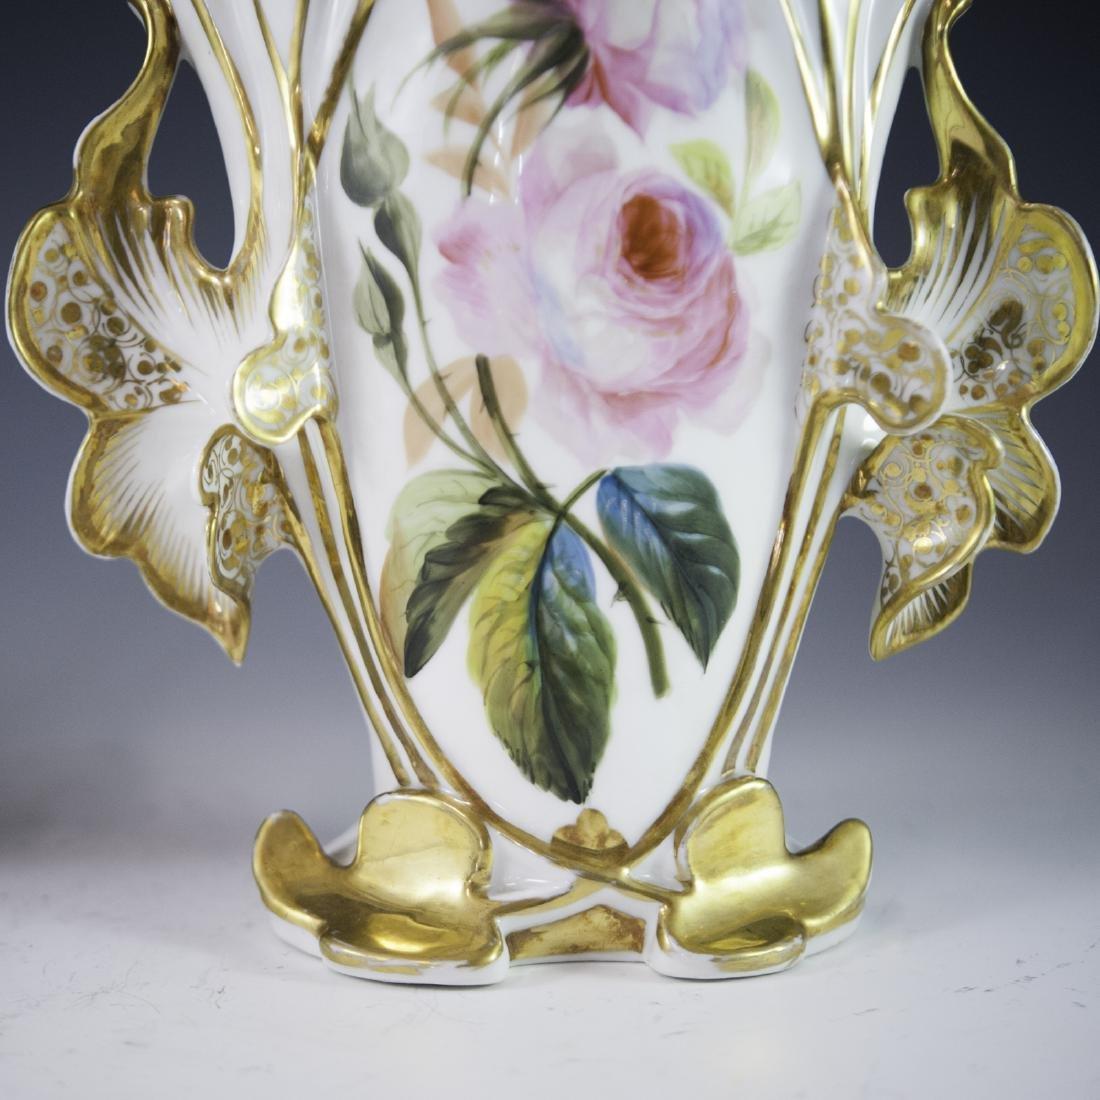 Old Paris Porcelain Vases - 5